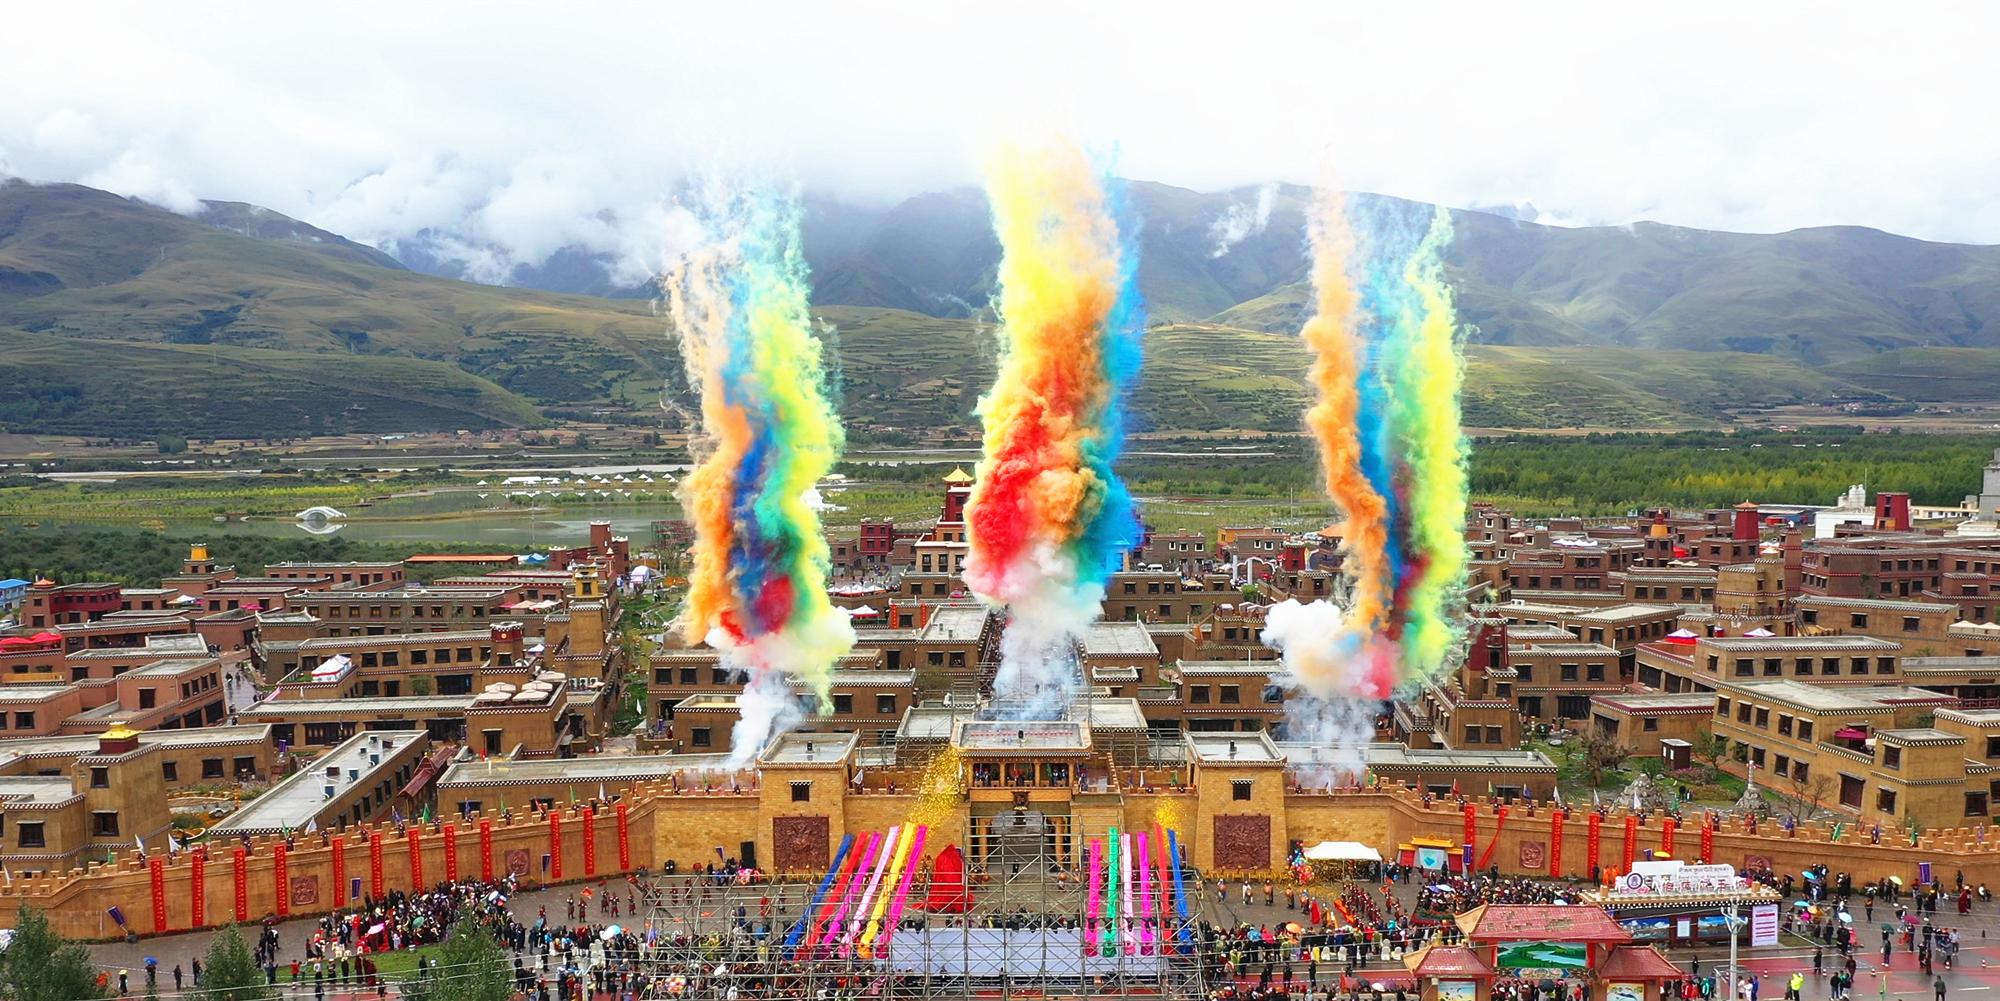 甘孜县格萨尔王城旅游营销暨第二届珠牡迎秋节隆重开幕